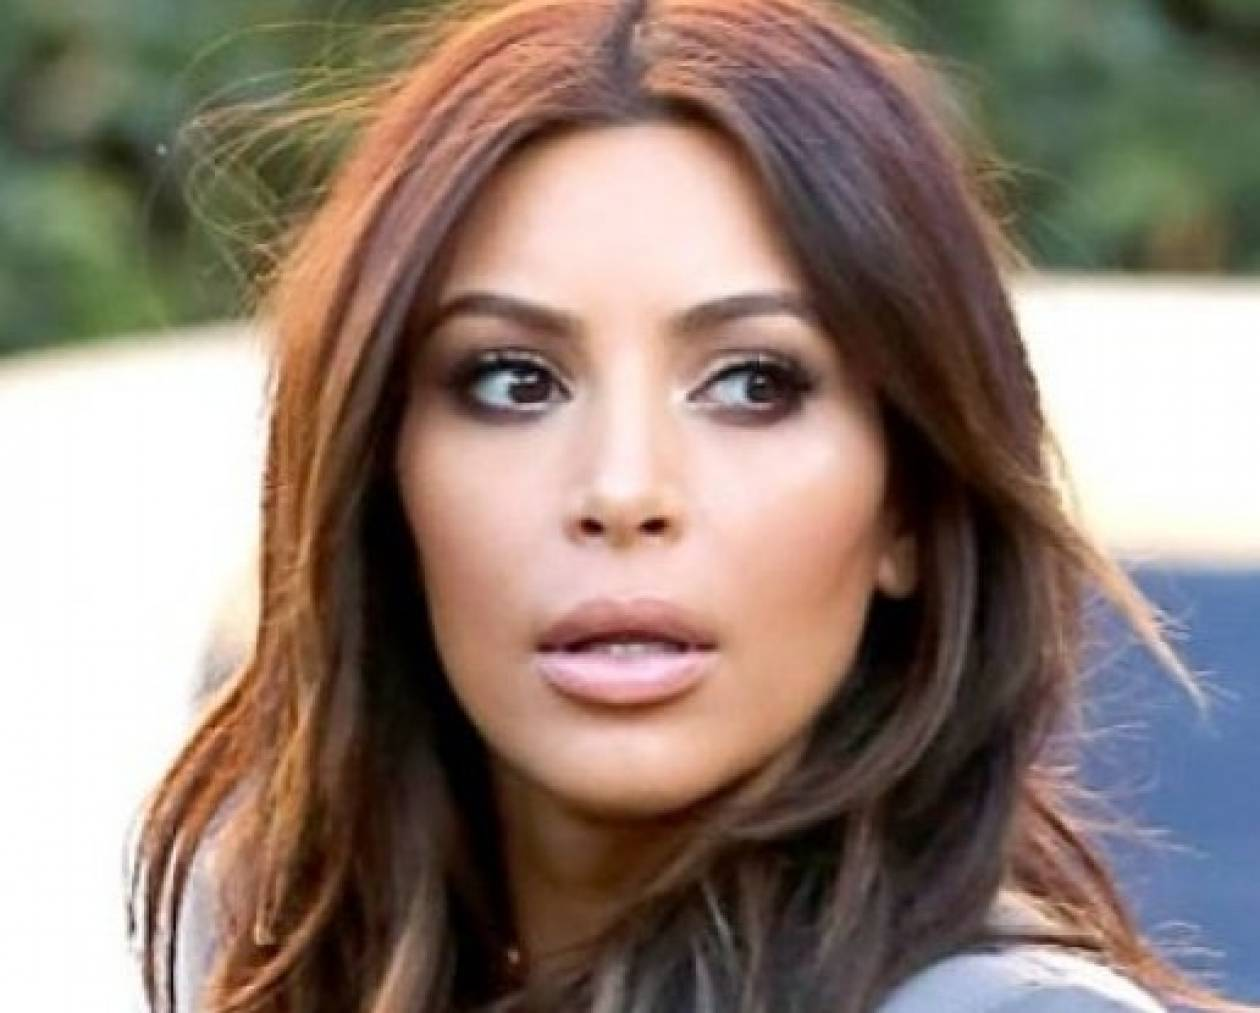 Tι συνέβη στα μαλλιά της Kim Kardashian που την έκανε έξαλλη;